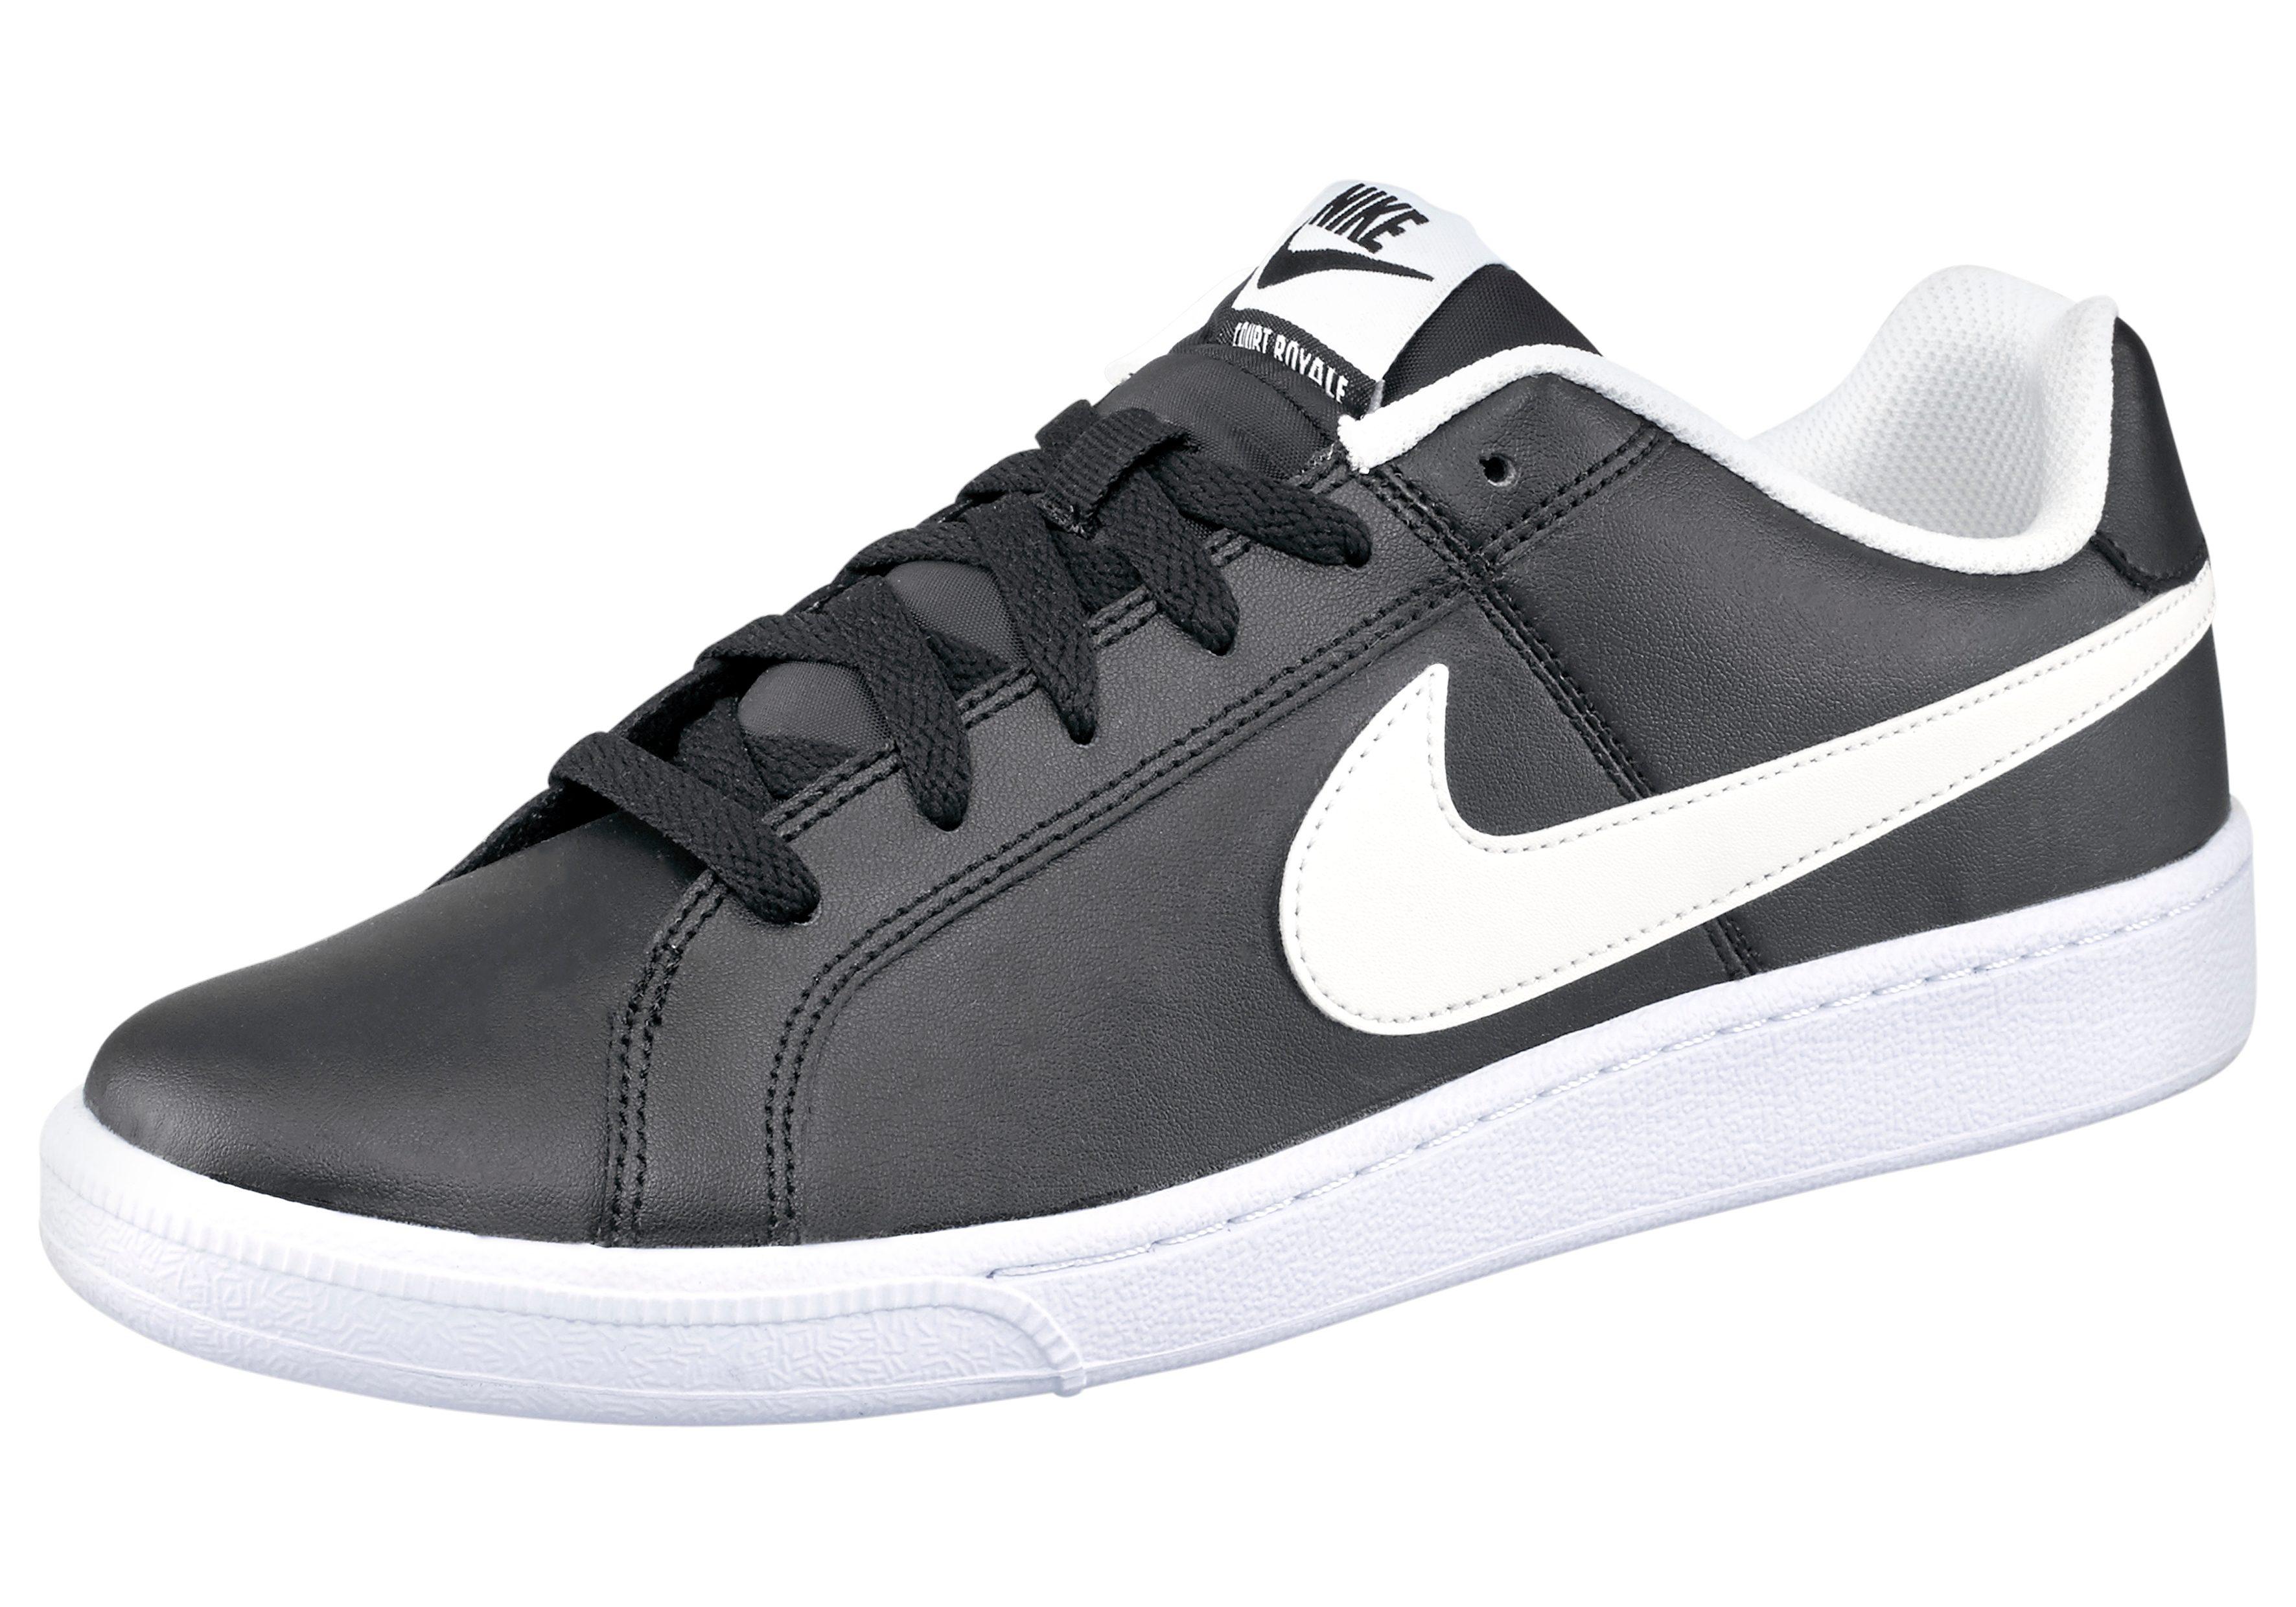 Nike Sportswear »Court Royale M« Sneaker kaufen | OTTO